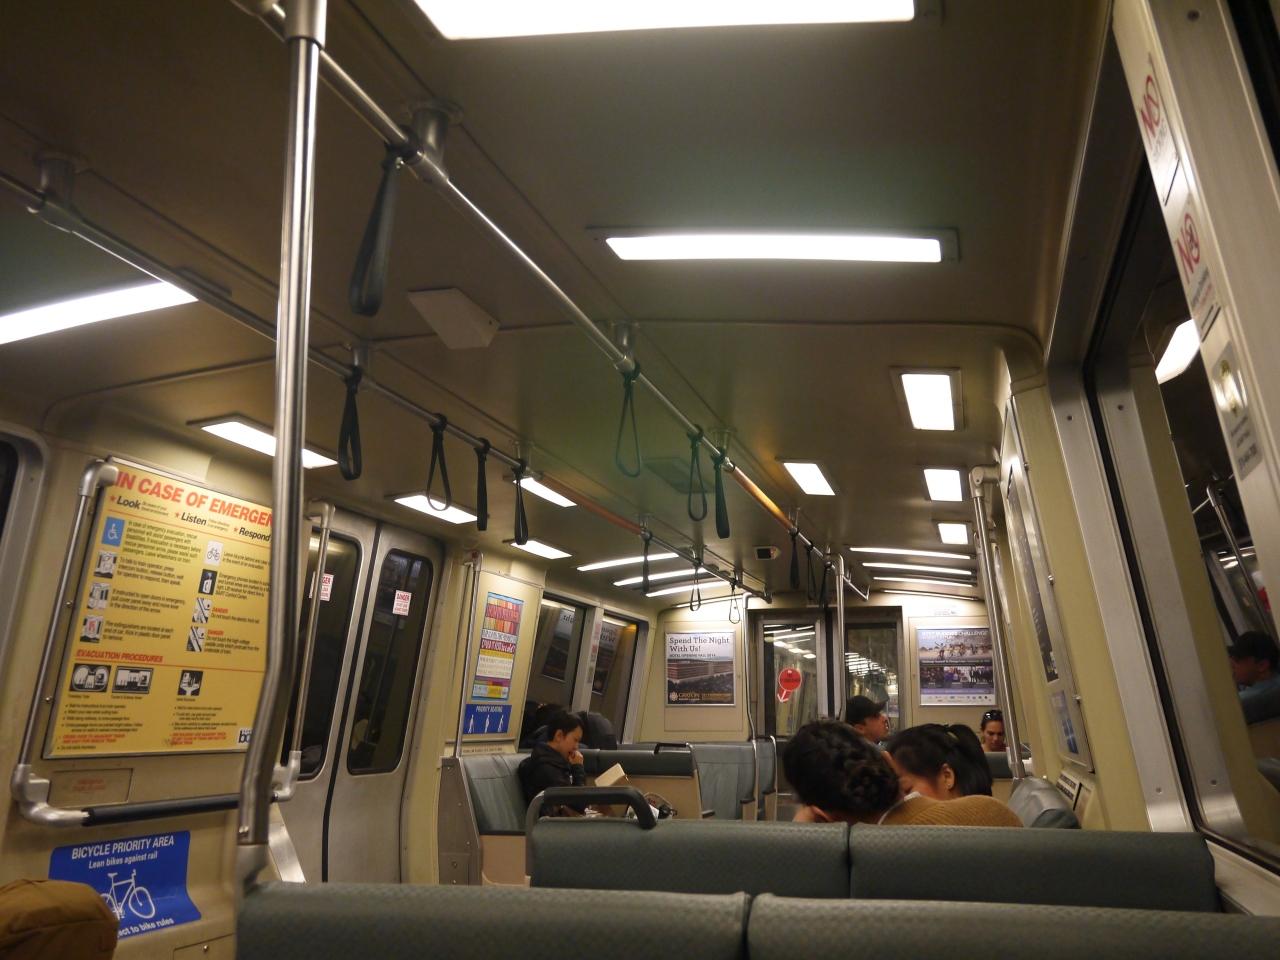 『muniパスポートがおすすめ!』by おむすびさん サンフランシスコ市交通局のクチコミ【フォートラベル】 San